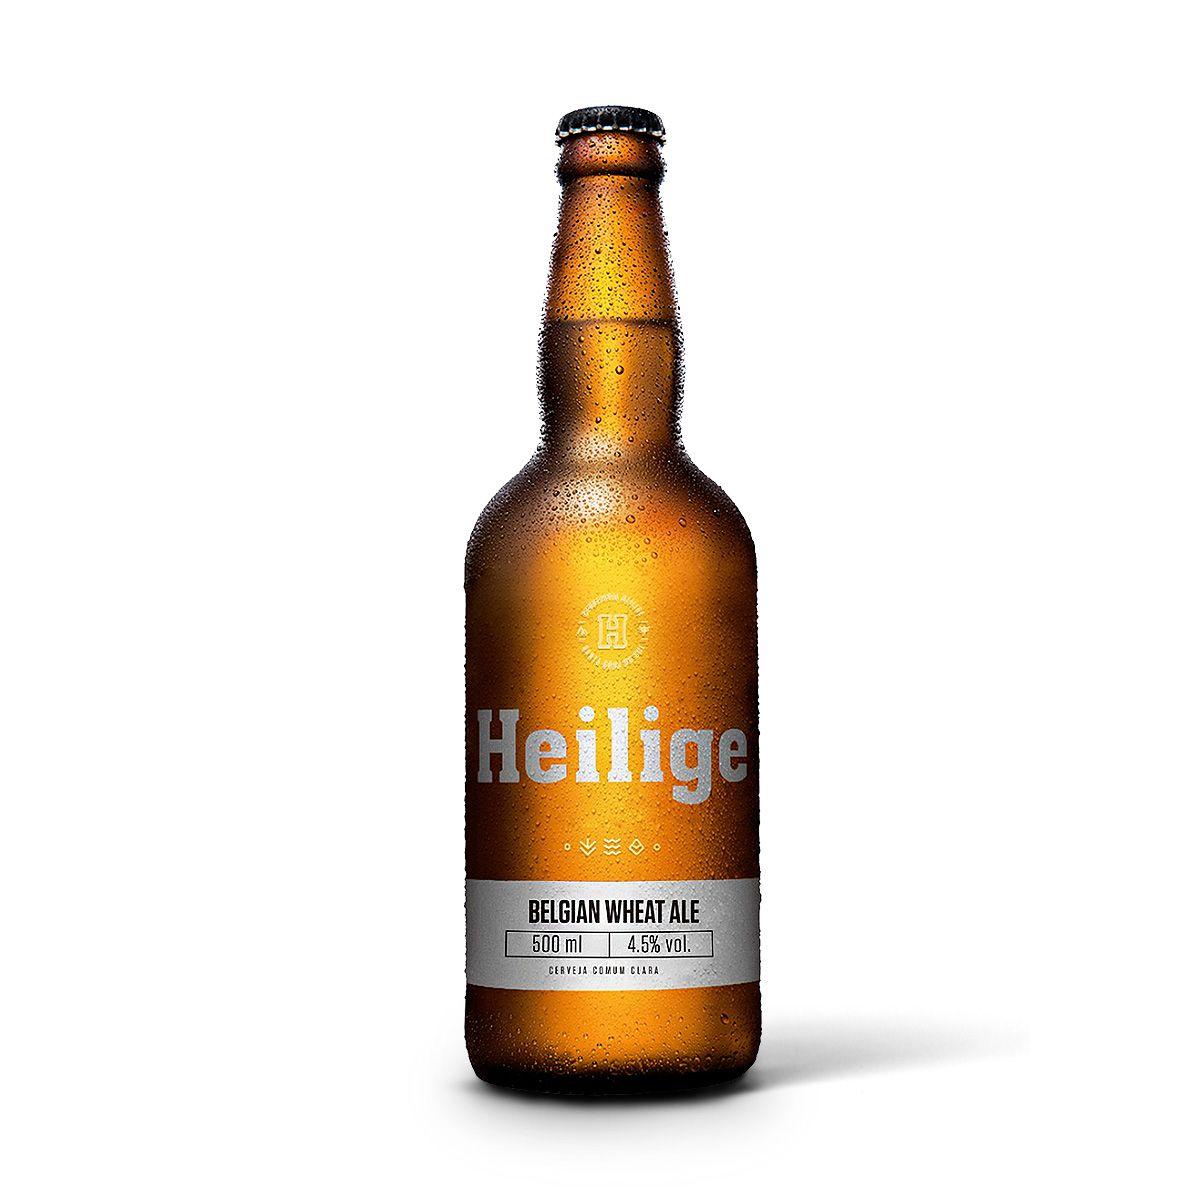 Heilige Belgian Wheat Ale 500ml